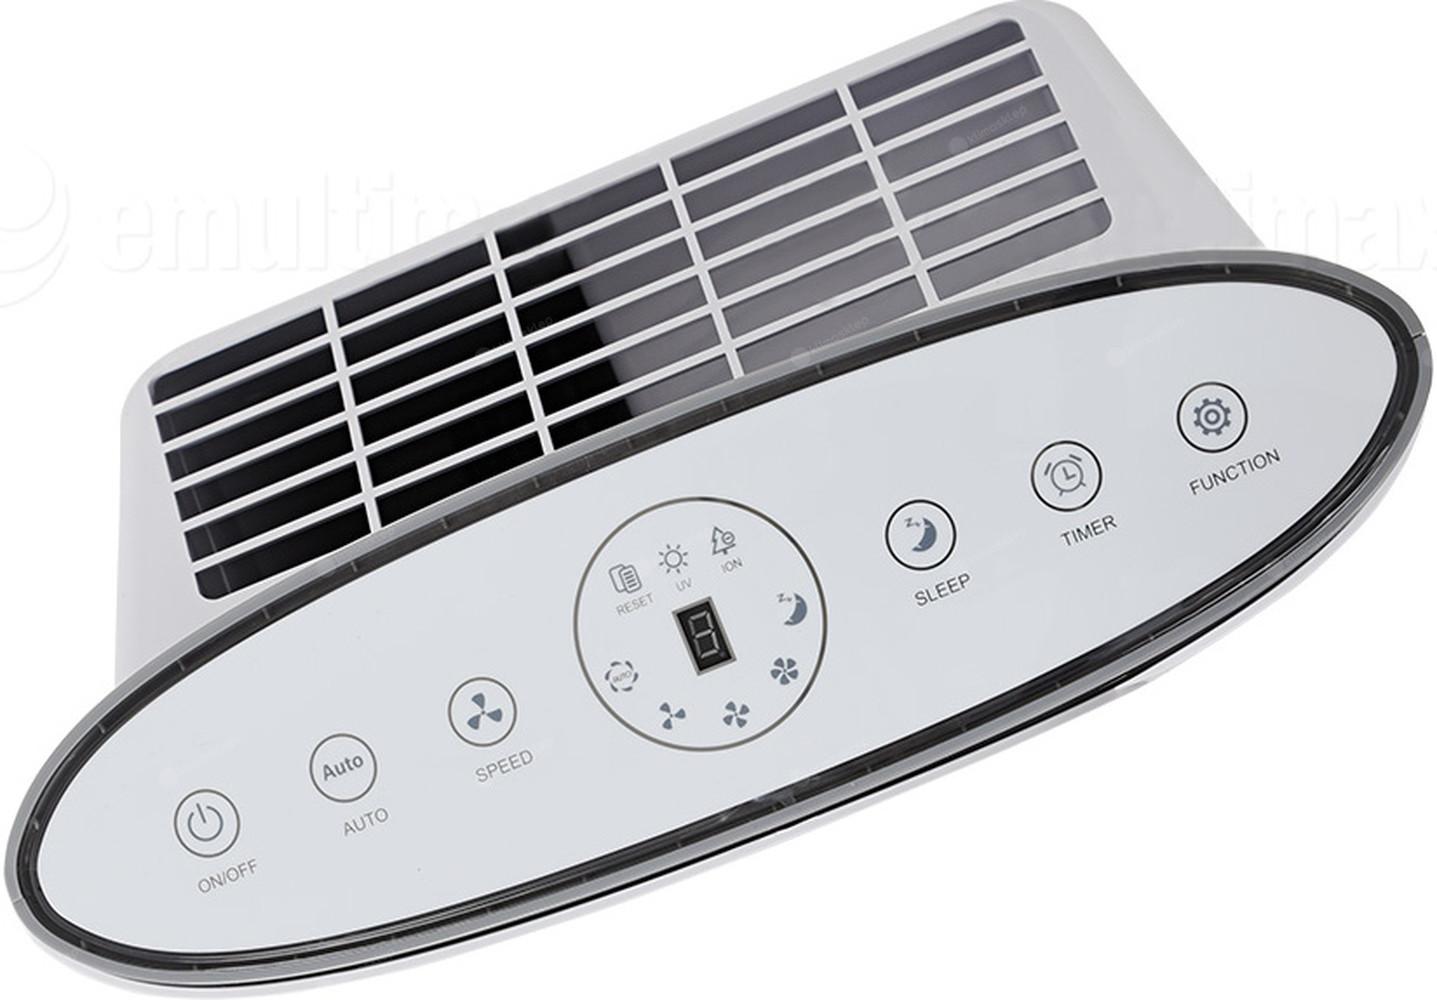 Oczyszczacz powietrza Warmtec AP 200W - panel sterowania